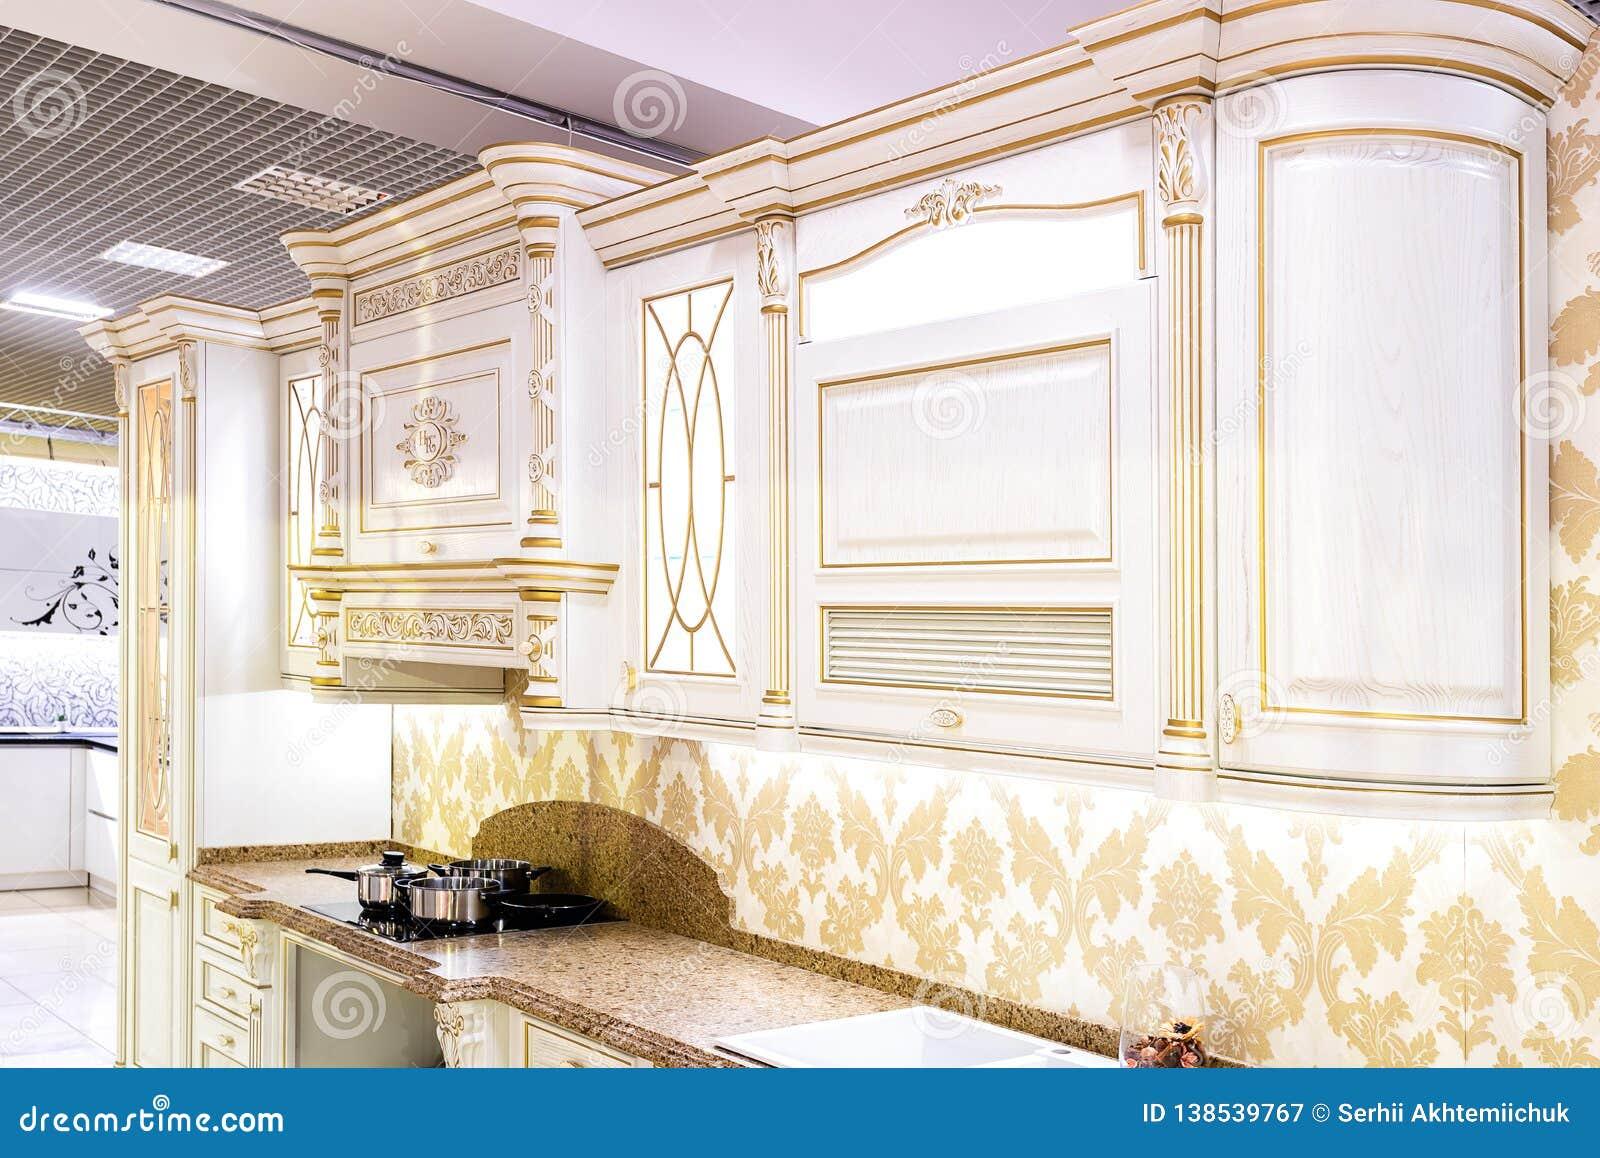 Chernivtsi/Ukraine-01 05 2019: Klasyk jadalni i kuchni stylowy wnętrze w beżowych pastoralnych kolorach